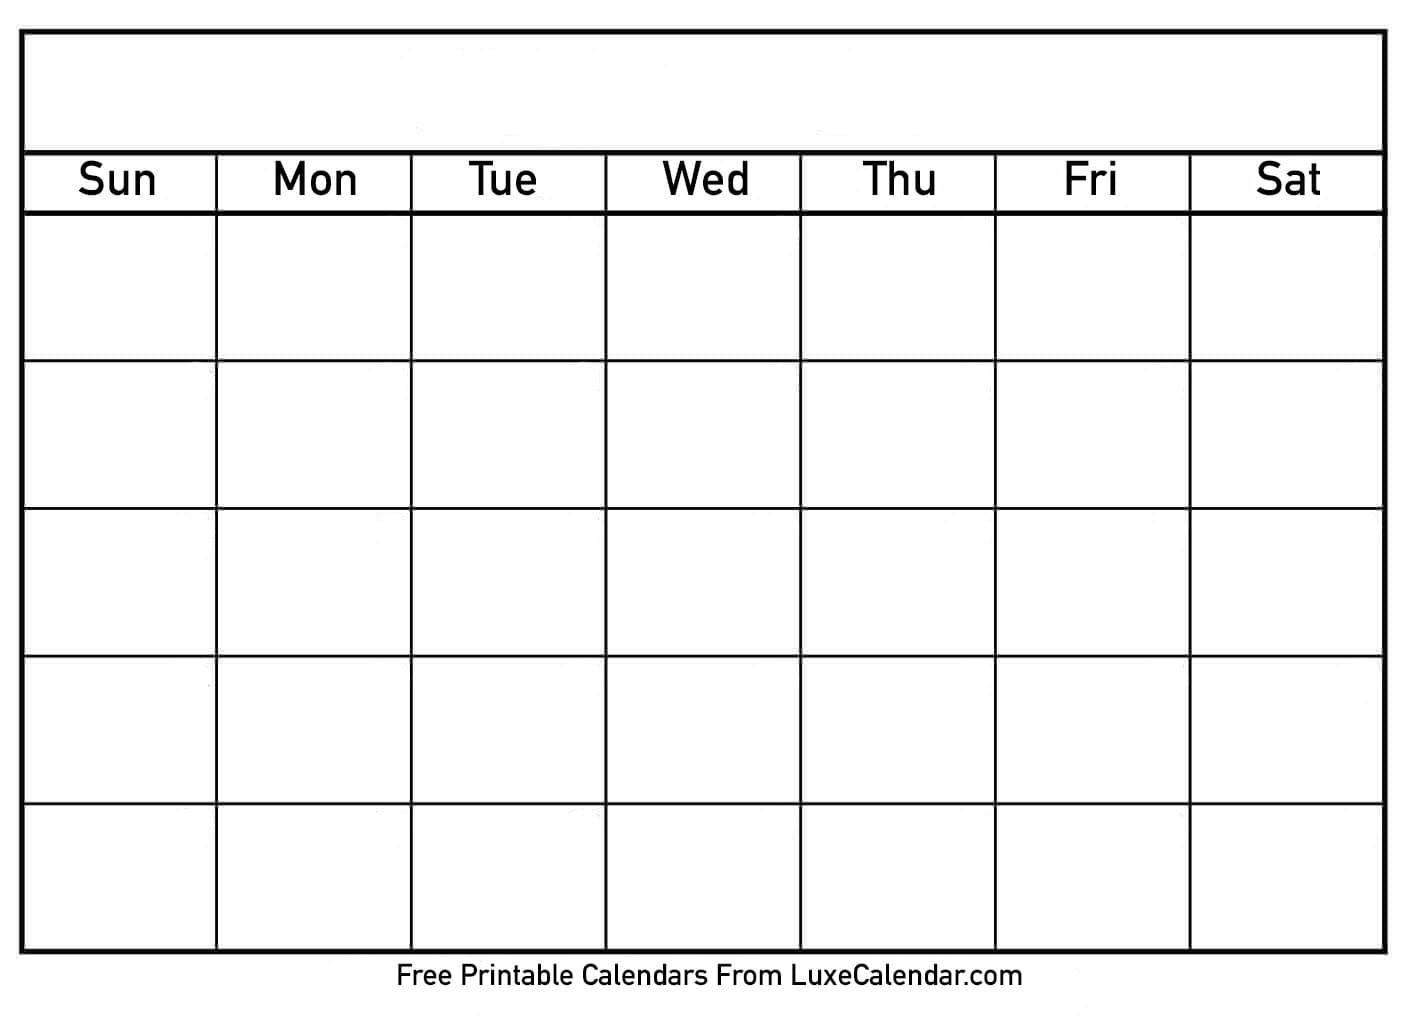 Blank Printable Calendar - Luxe Calendar regarding Printable Blank Calendar Template